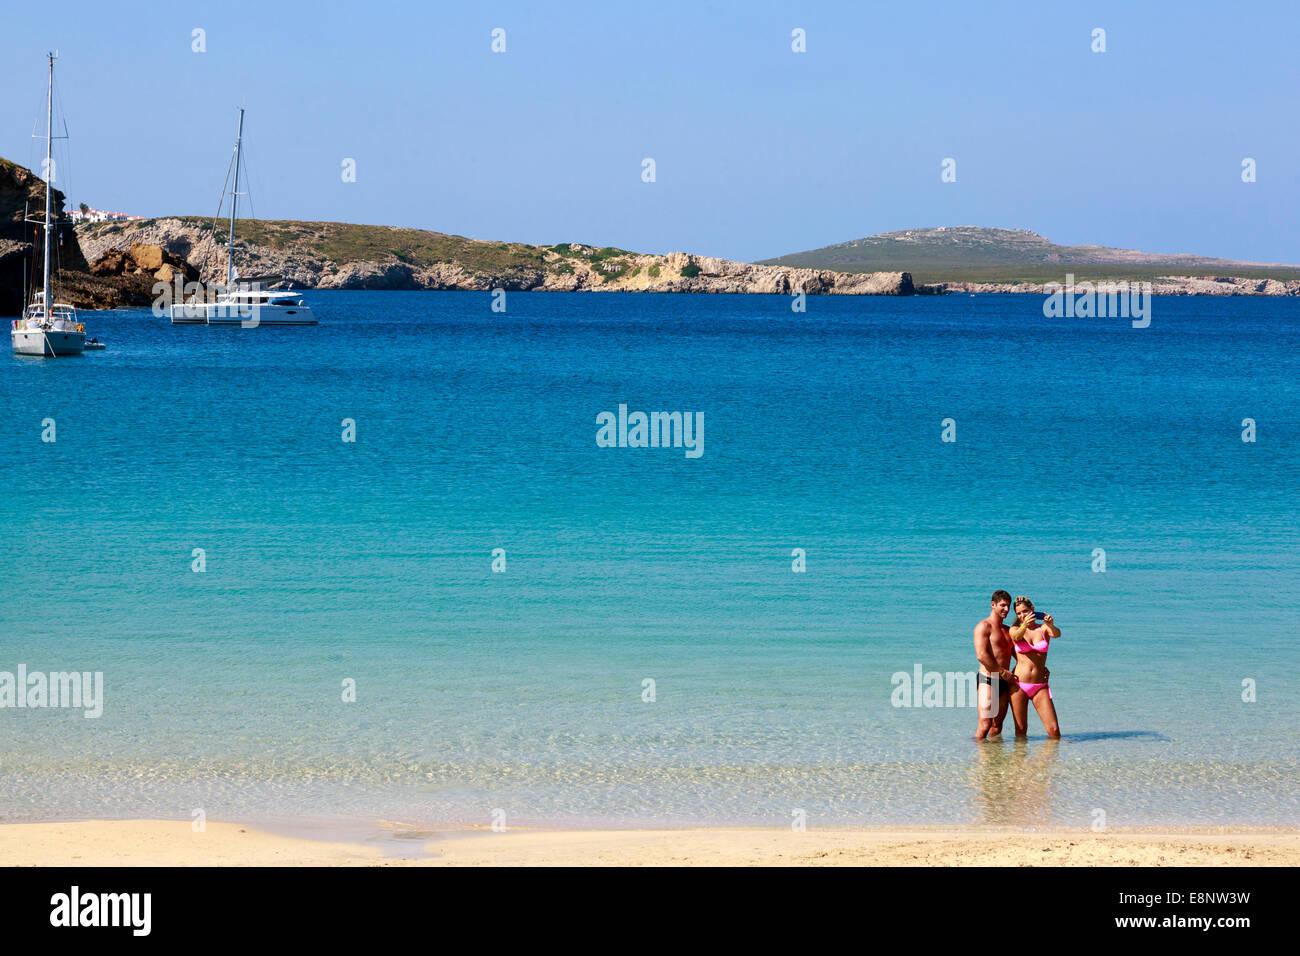 L uomo e la donna in vacanza prendendo un 'selfie' fotografia mentre in piedi sul mare di Arenal d'en Immagini Stock